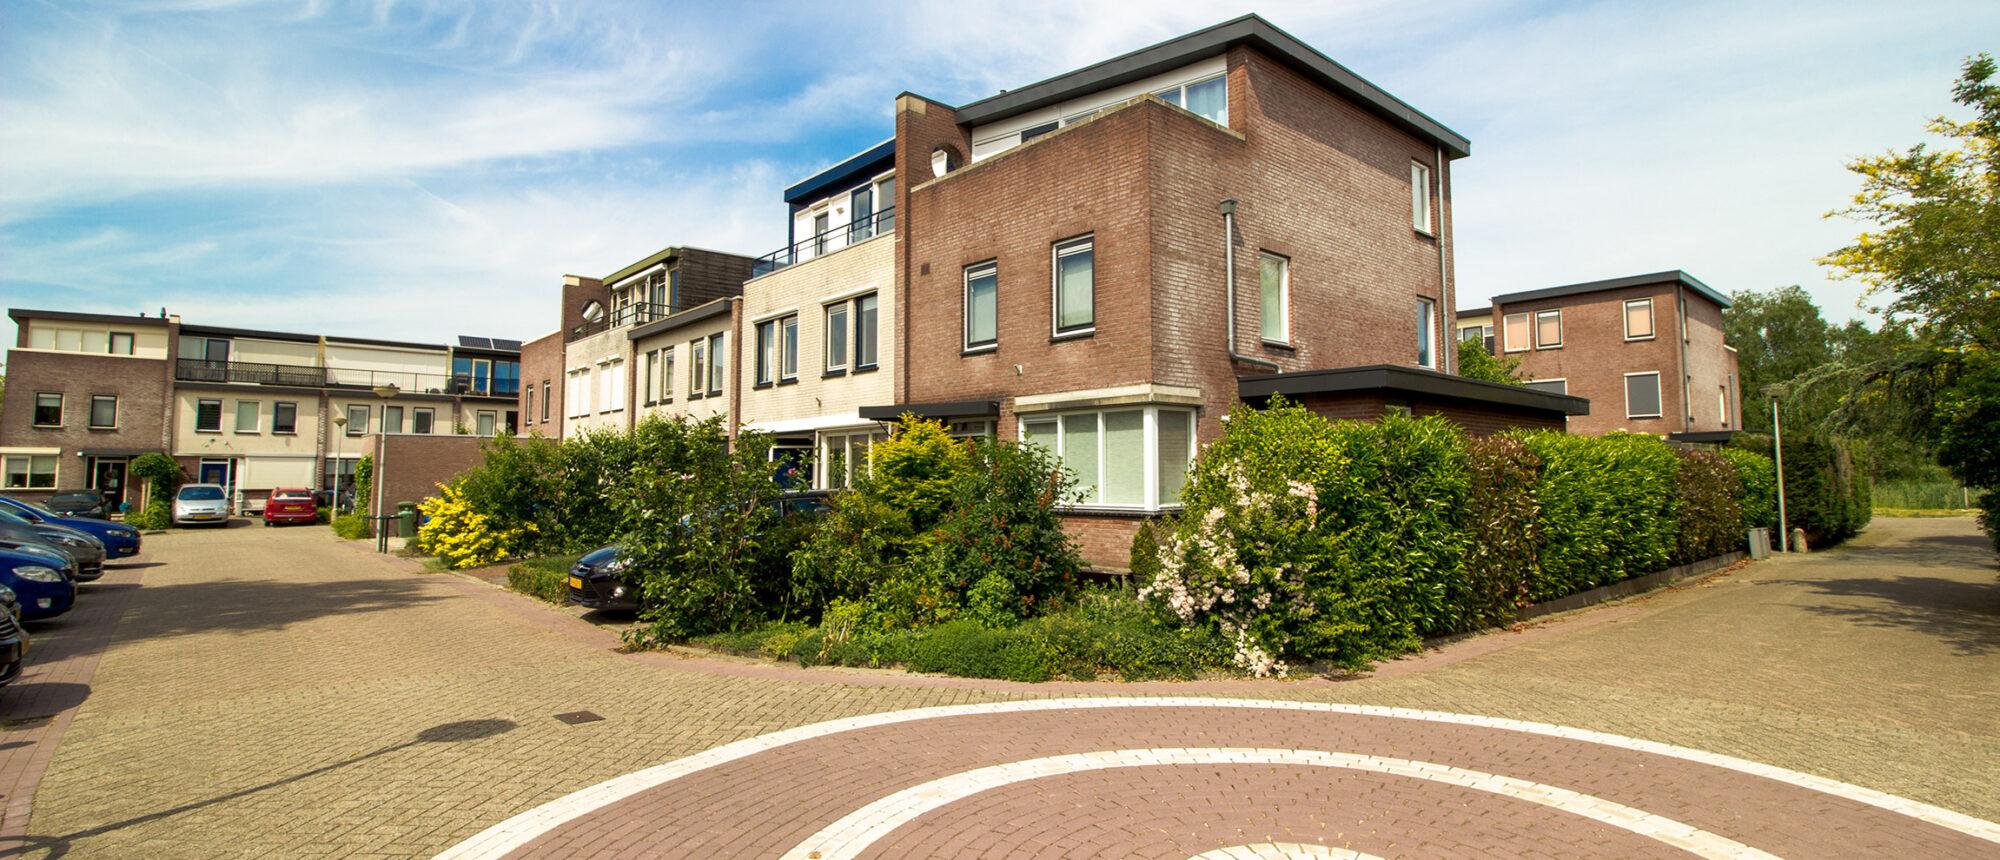 Wonen in Gouda Goverwelle via Van 't Hof Makelaardij